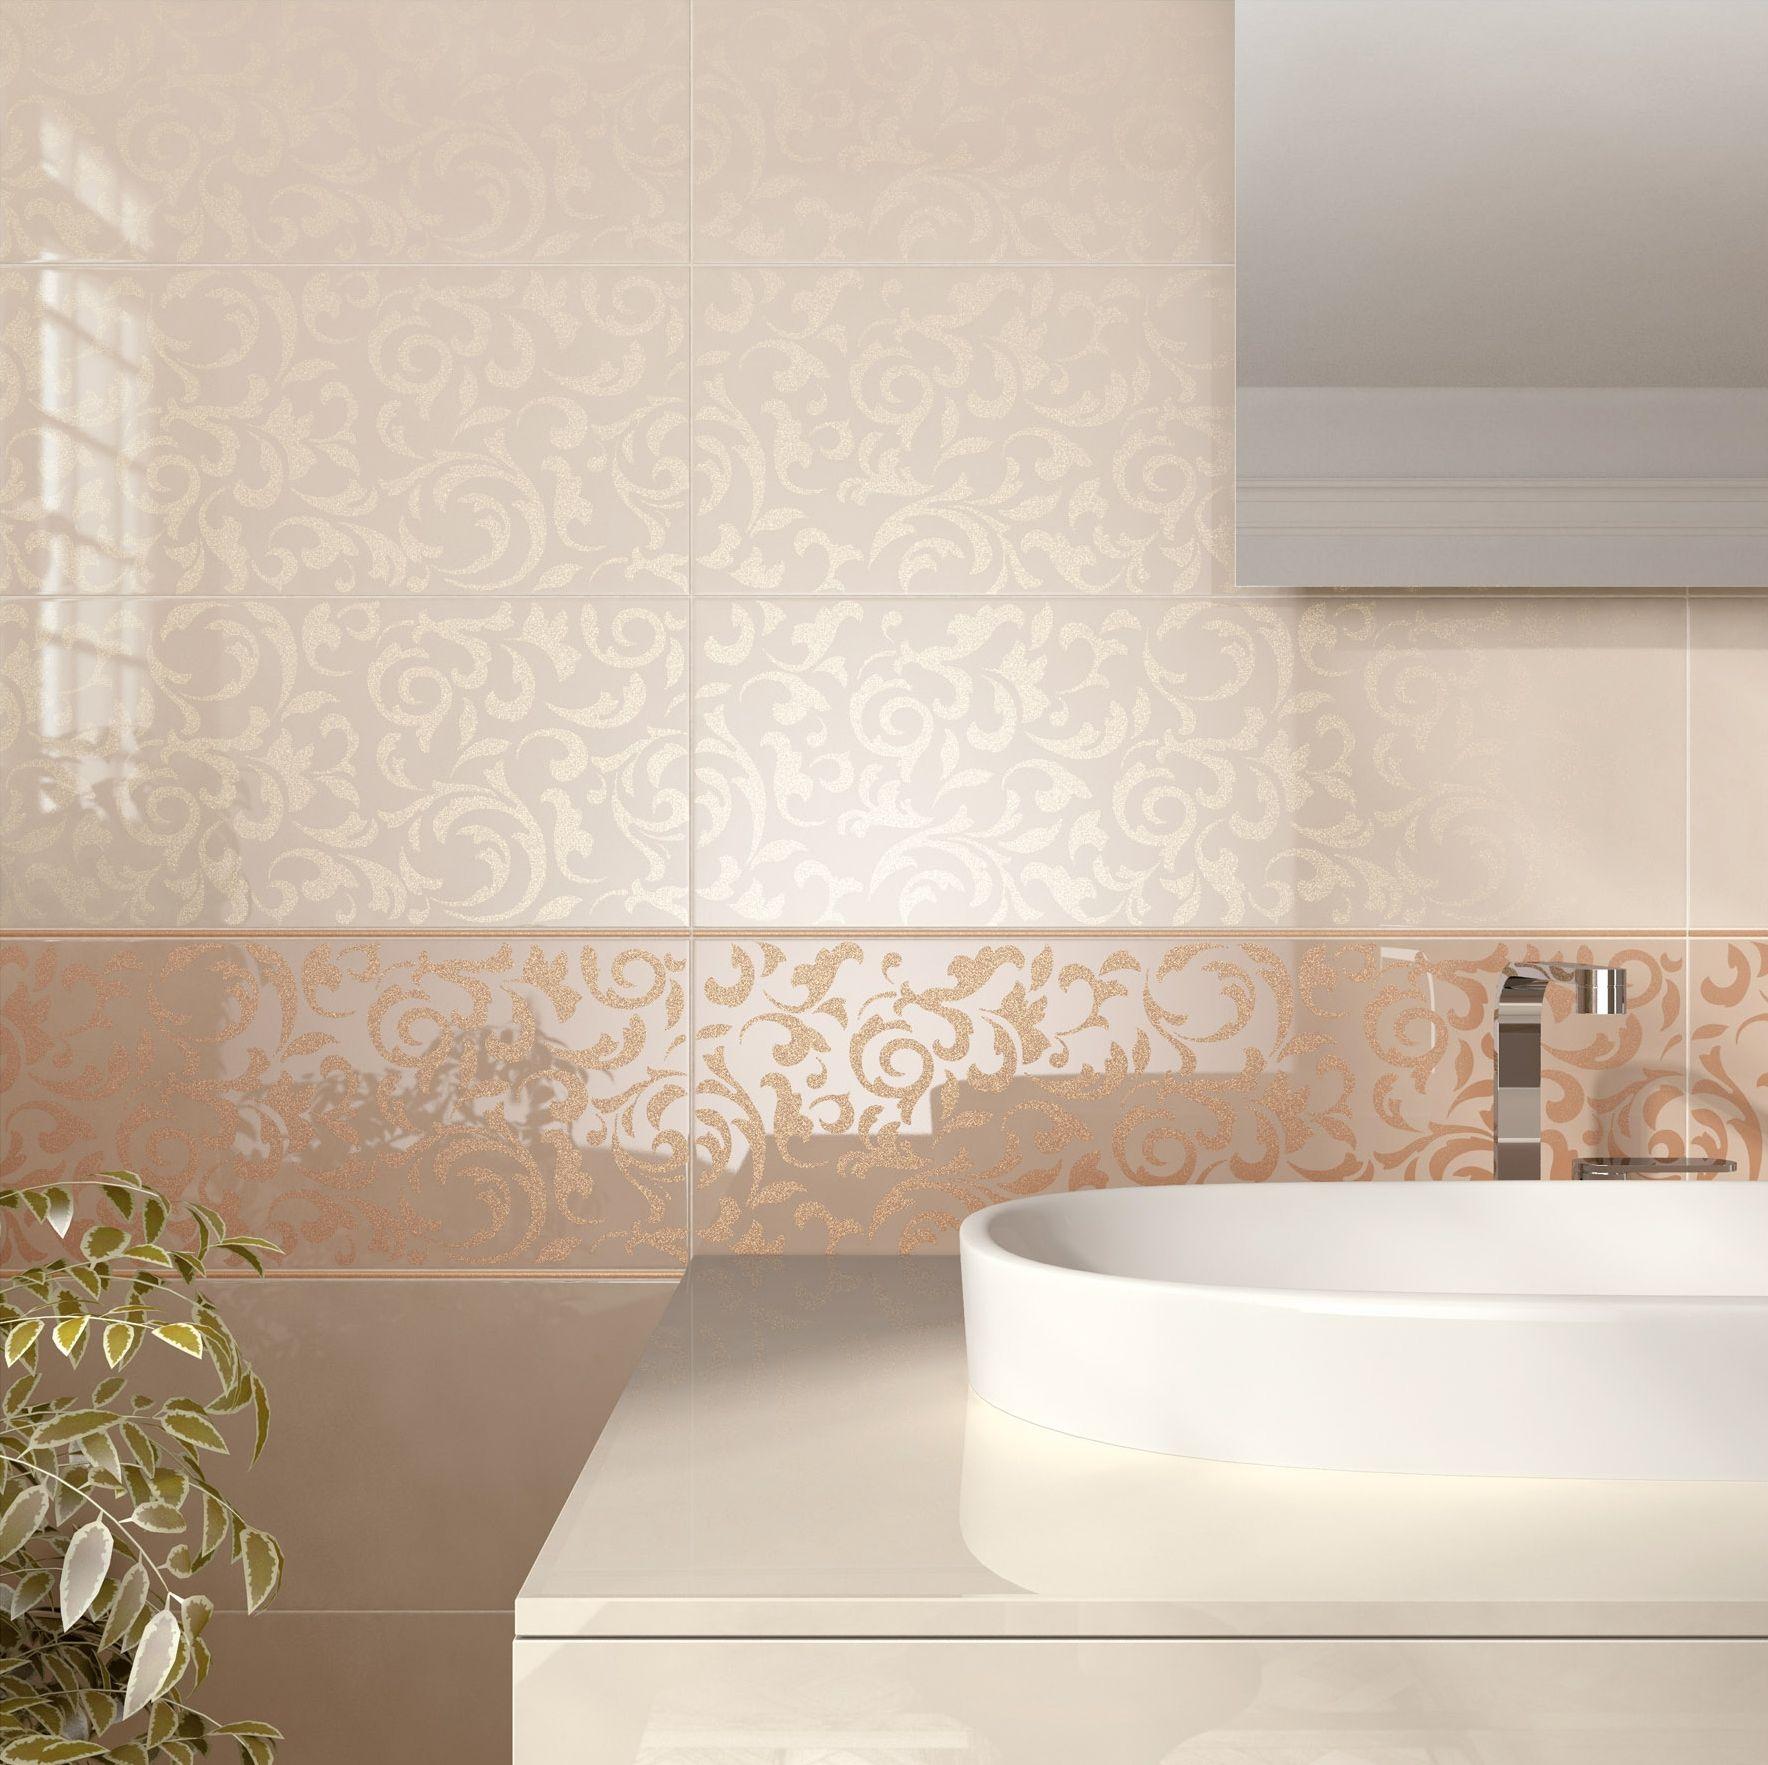 Piastrelle bagno con greca good piastrelle adesive bagno ikea con adesivi c per parete o - Piastrelle bagno damascate ...